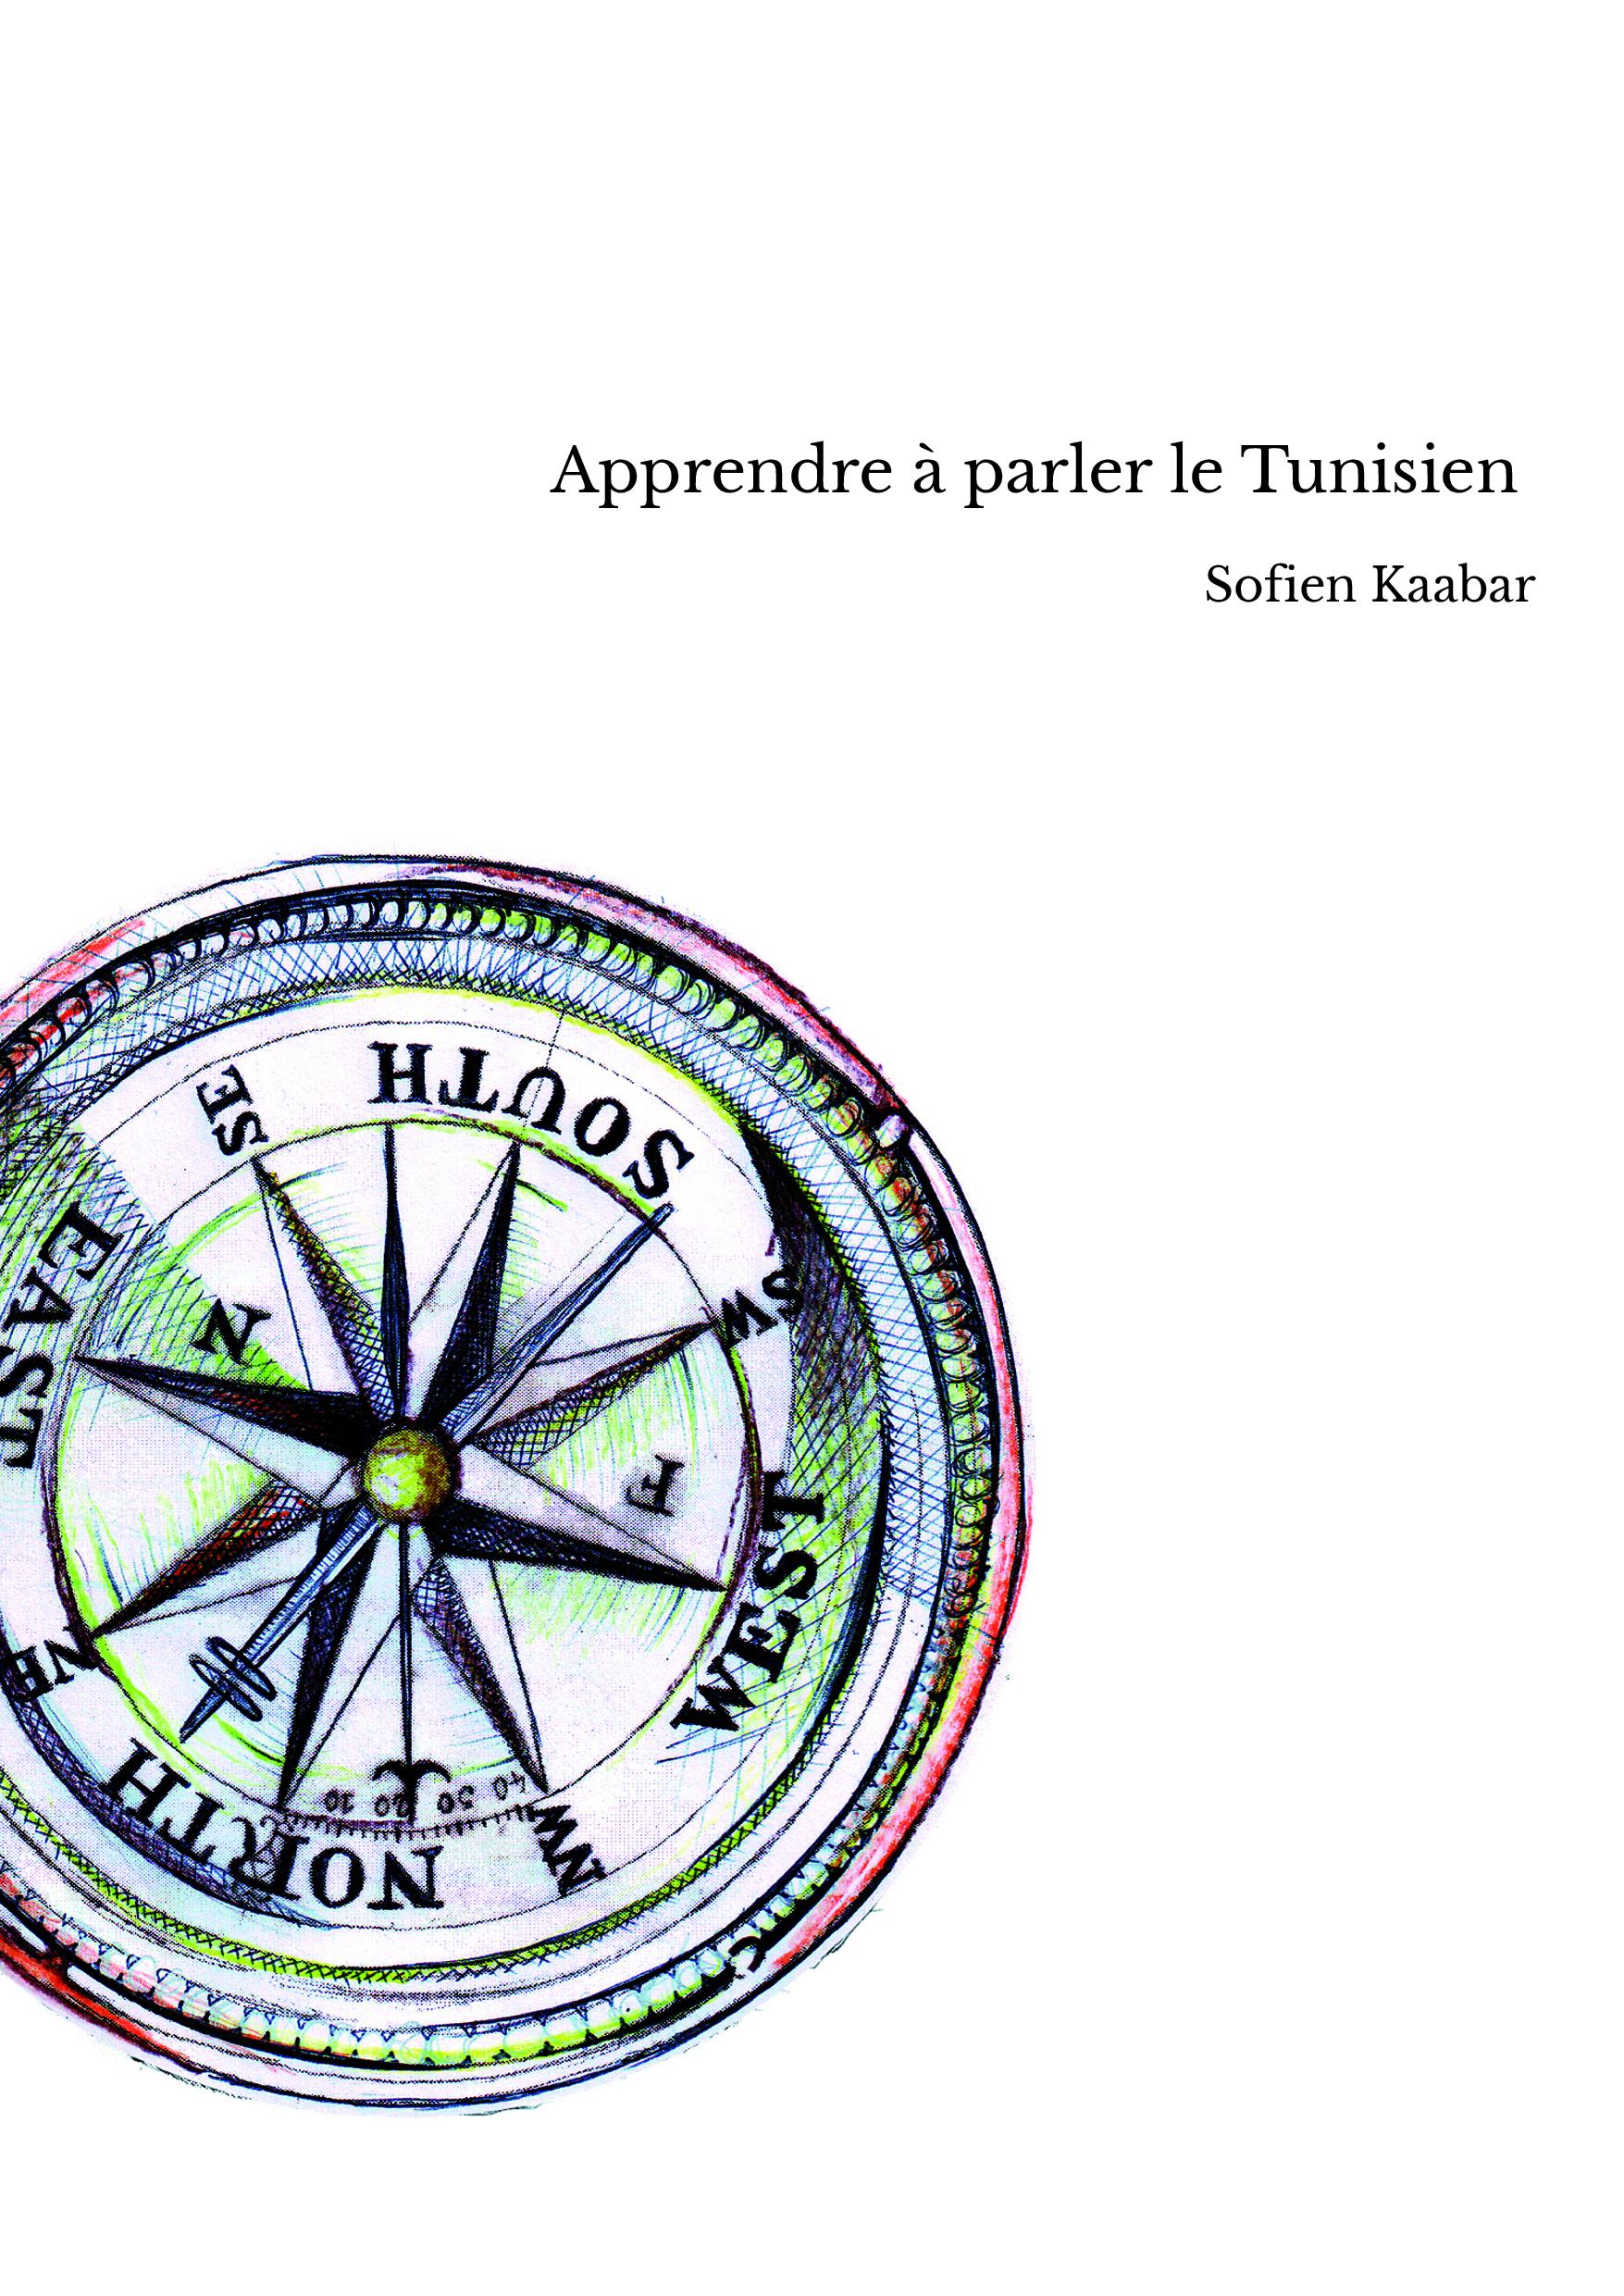 Apprendre à parler le Tunisien